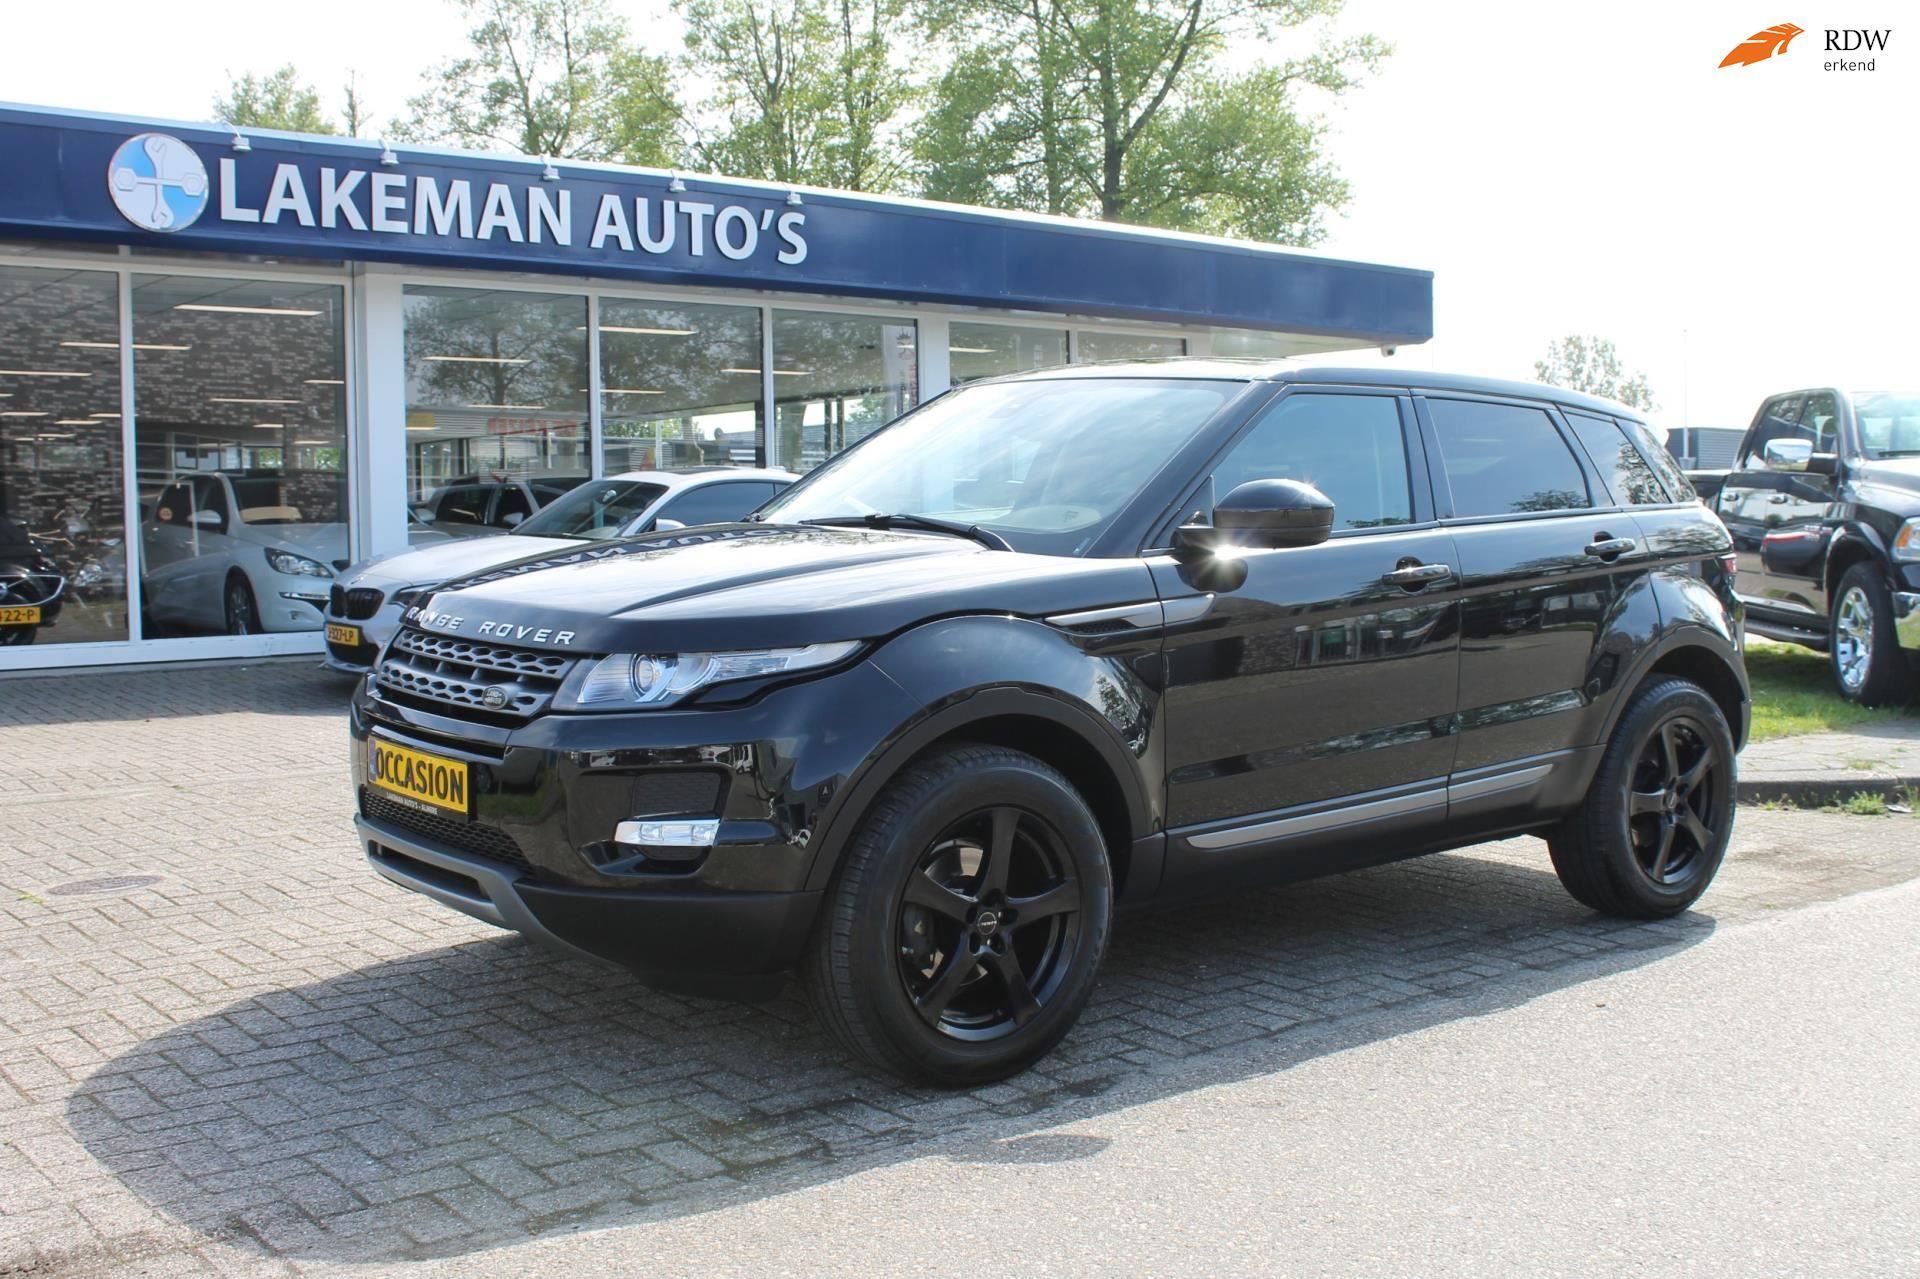 Land Rover Range Rover Evoque occasion - Lakeman auto's Almere B.V.